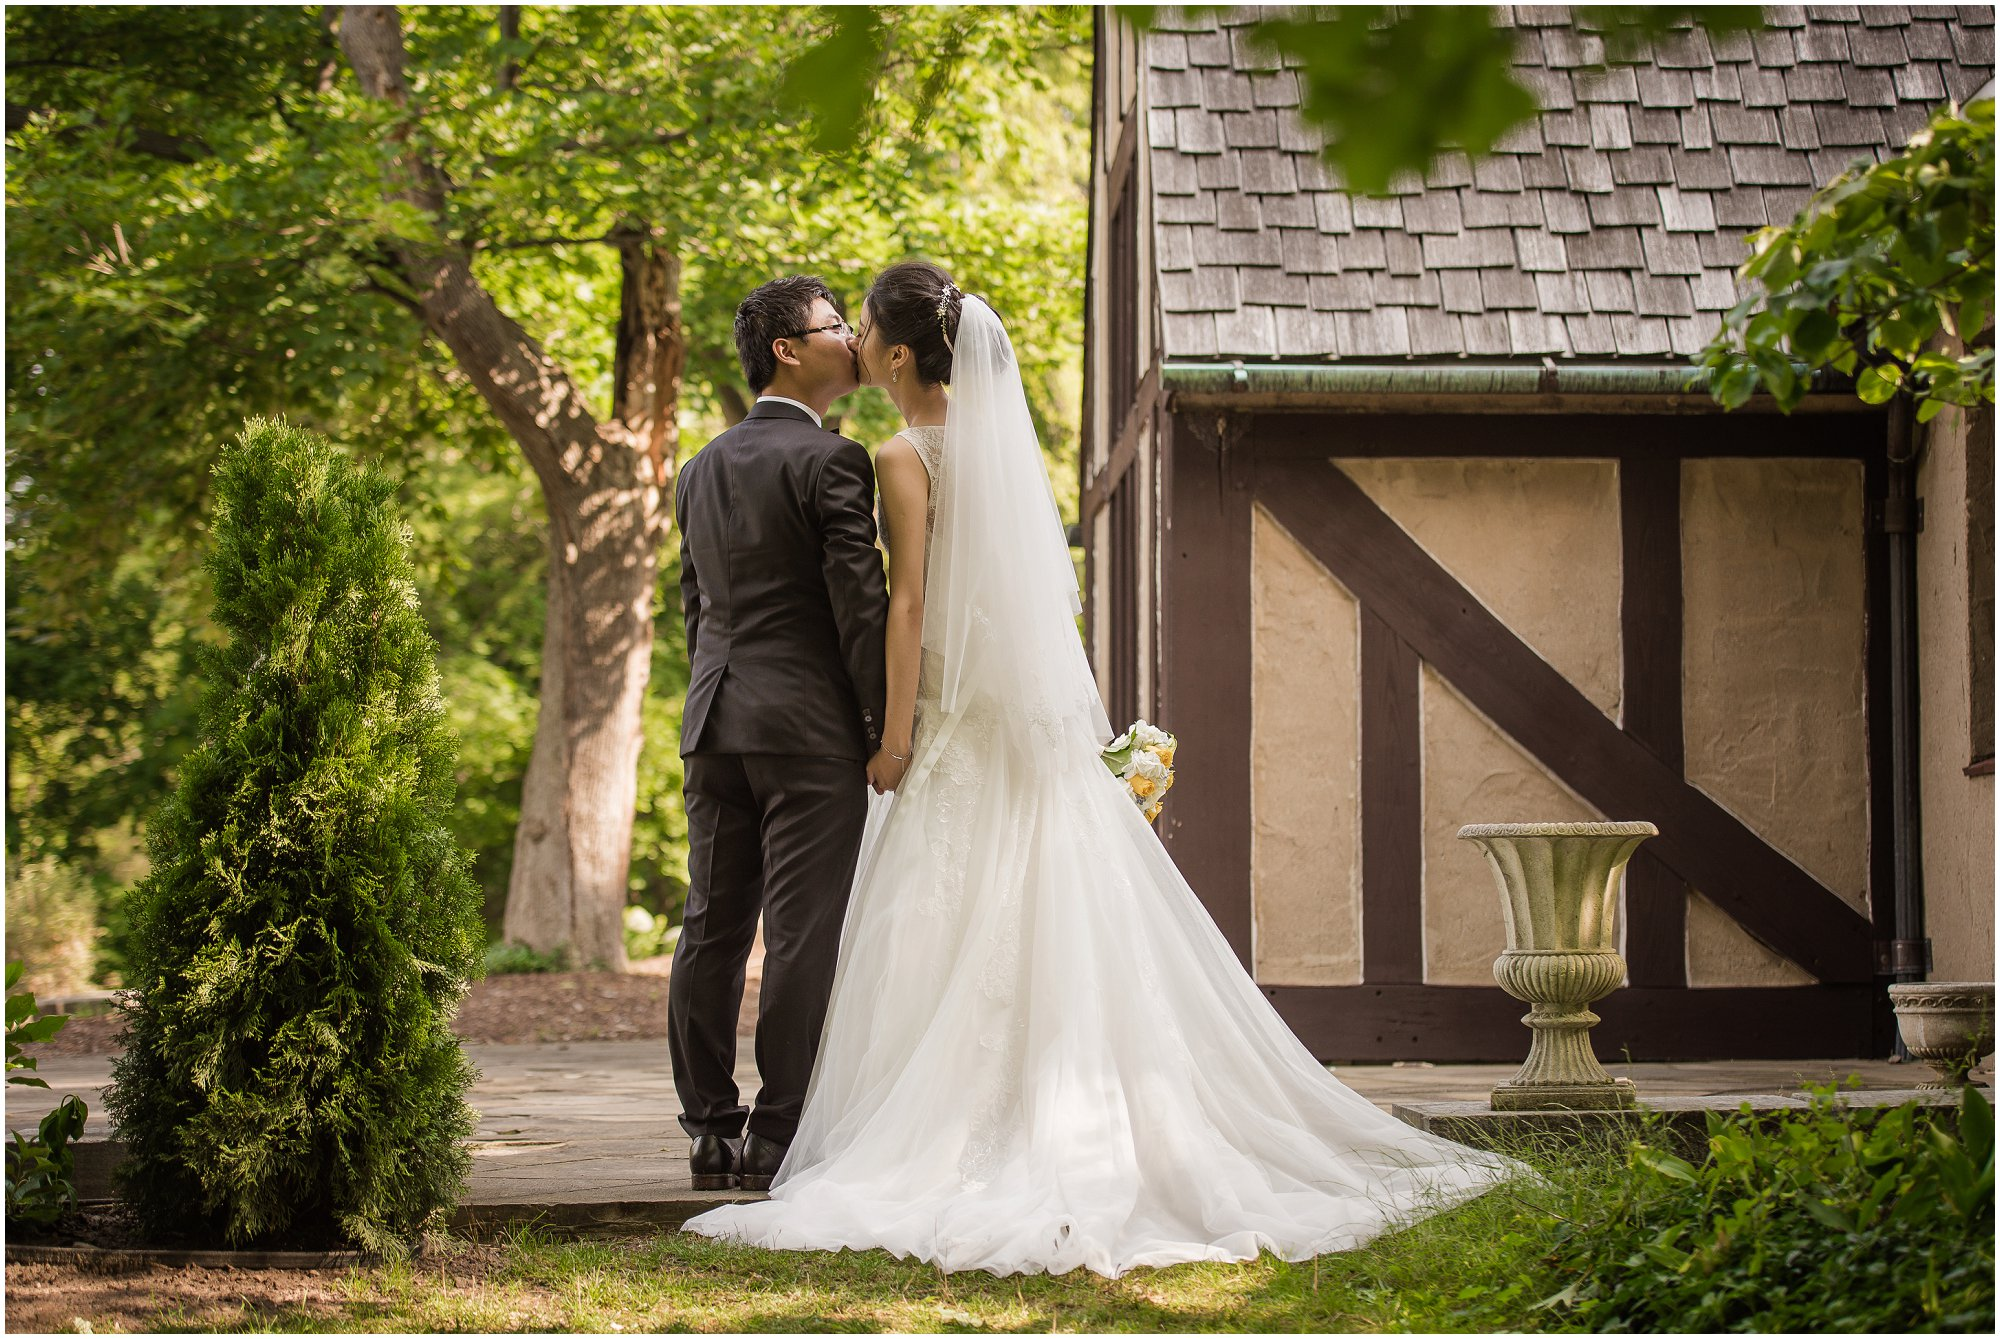 University-of-michigan-museum-of-art-wedding_1308.jpg